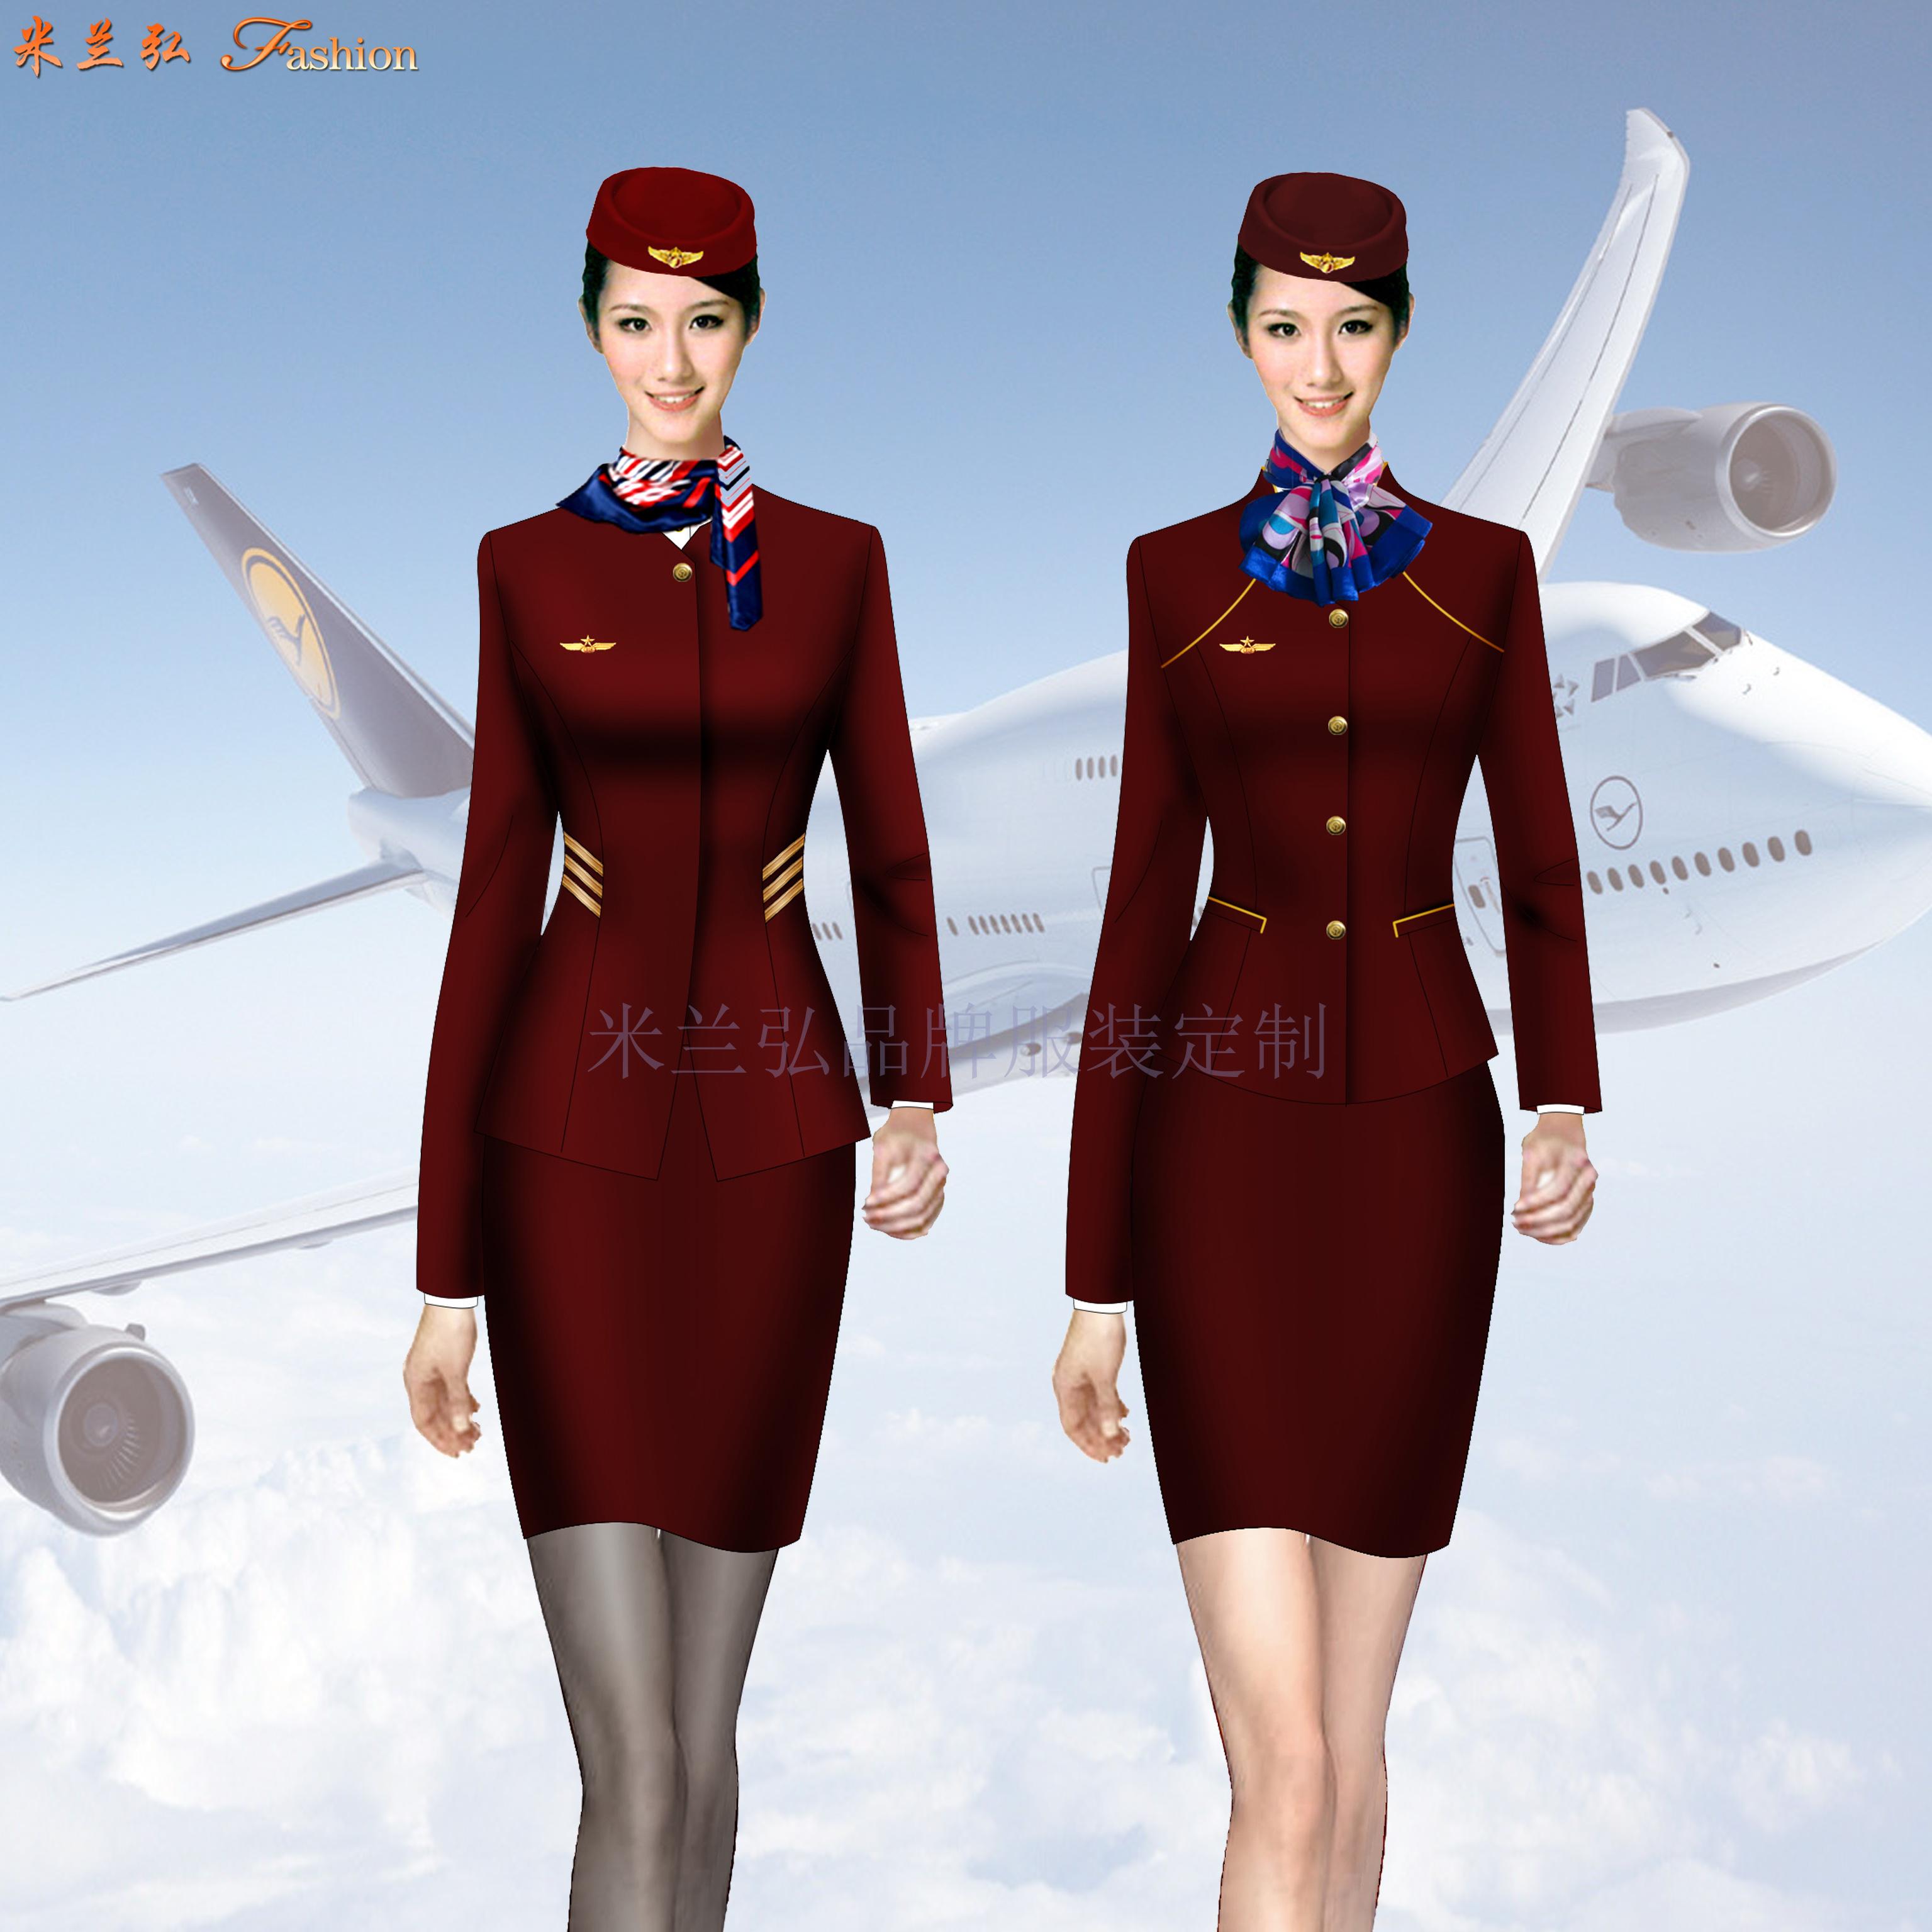 江西空姐服定制-空乘人员服装图片-米兰弘服装-5